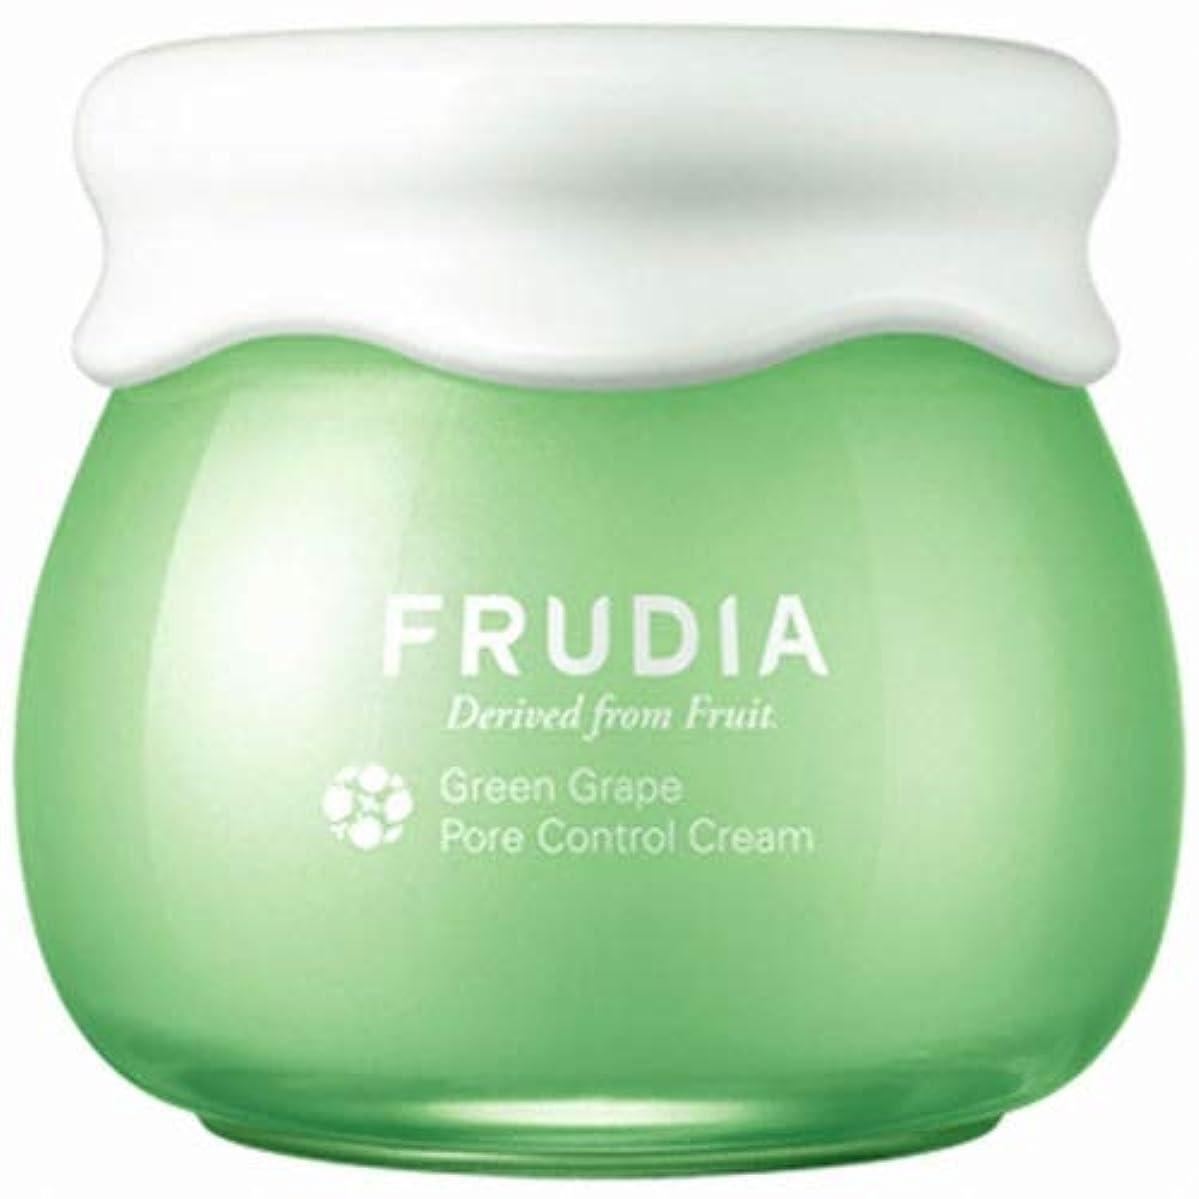 フェリー民兵溶けたFRUDIA マスカット ポア コントロール クリーム/Green Grape Pore Control Cream (55g) [並行輸入品]